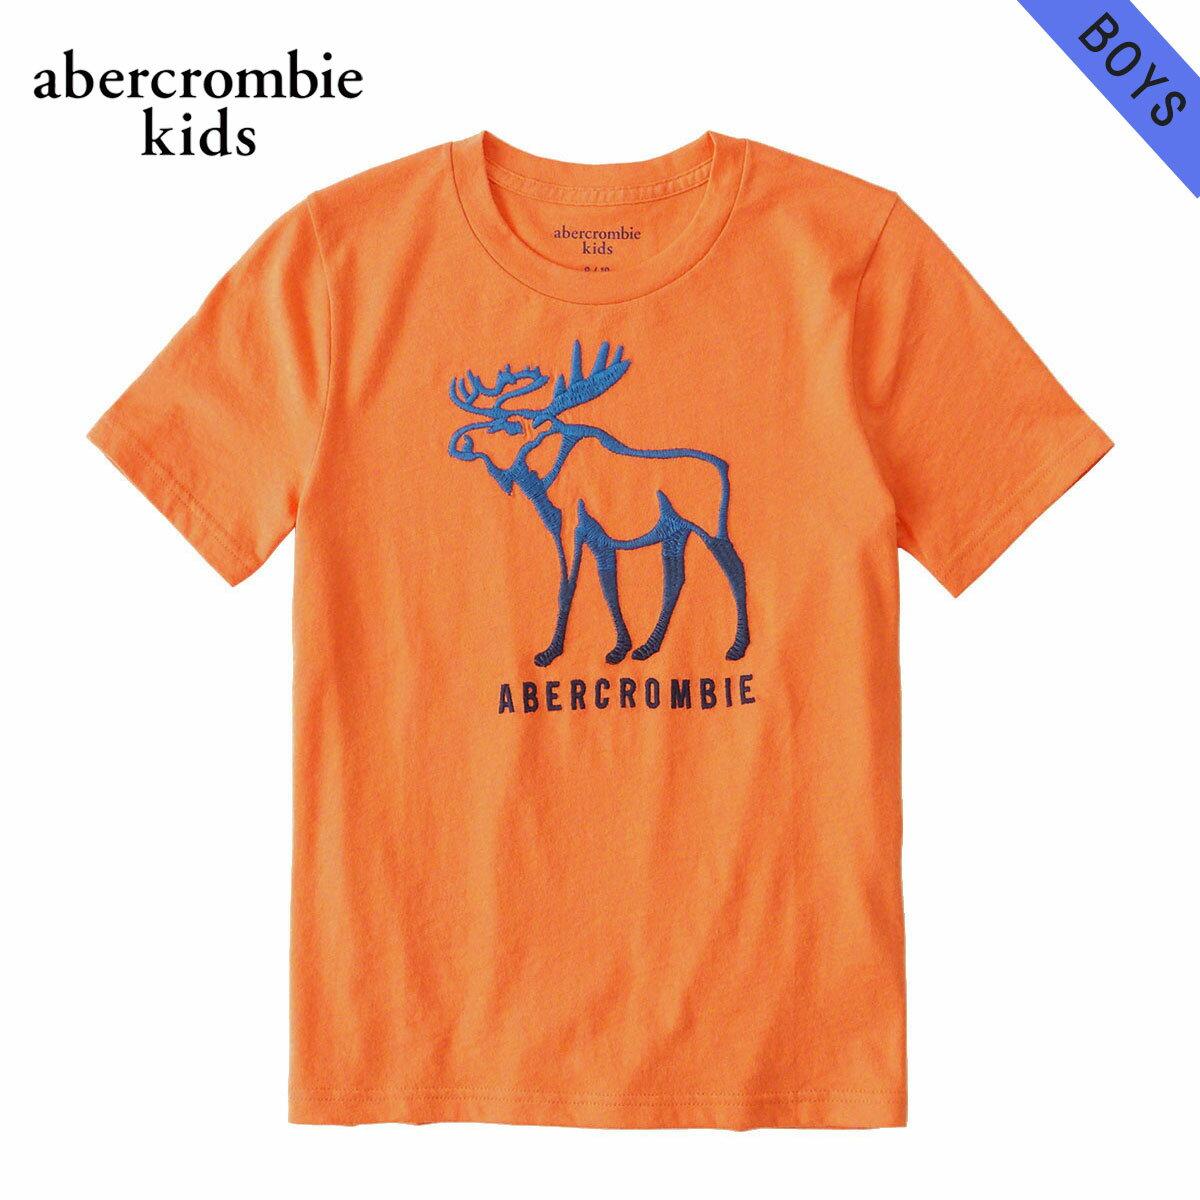 アバクロキッズ AbercrombieKids 正規品 子供服 ボーイズ 半袖Tシャツ logo graphic tee 223-616-0114-070